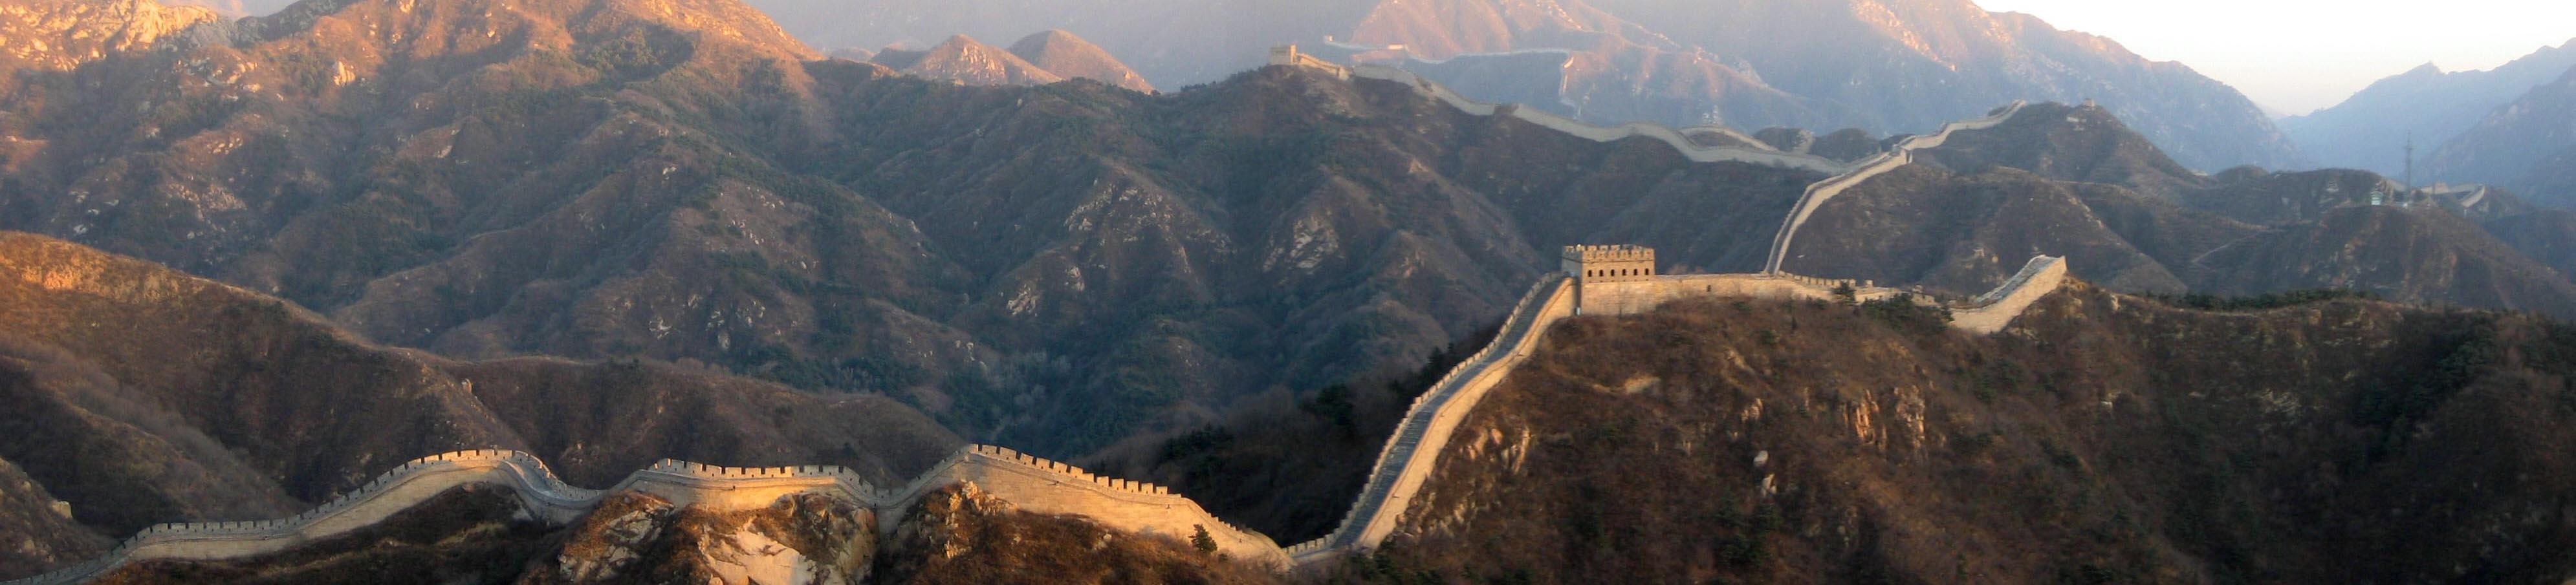 Se rendre en Chine avec un visa obtenu depuis la France